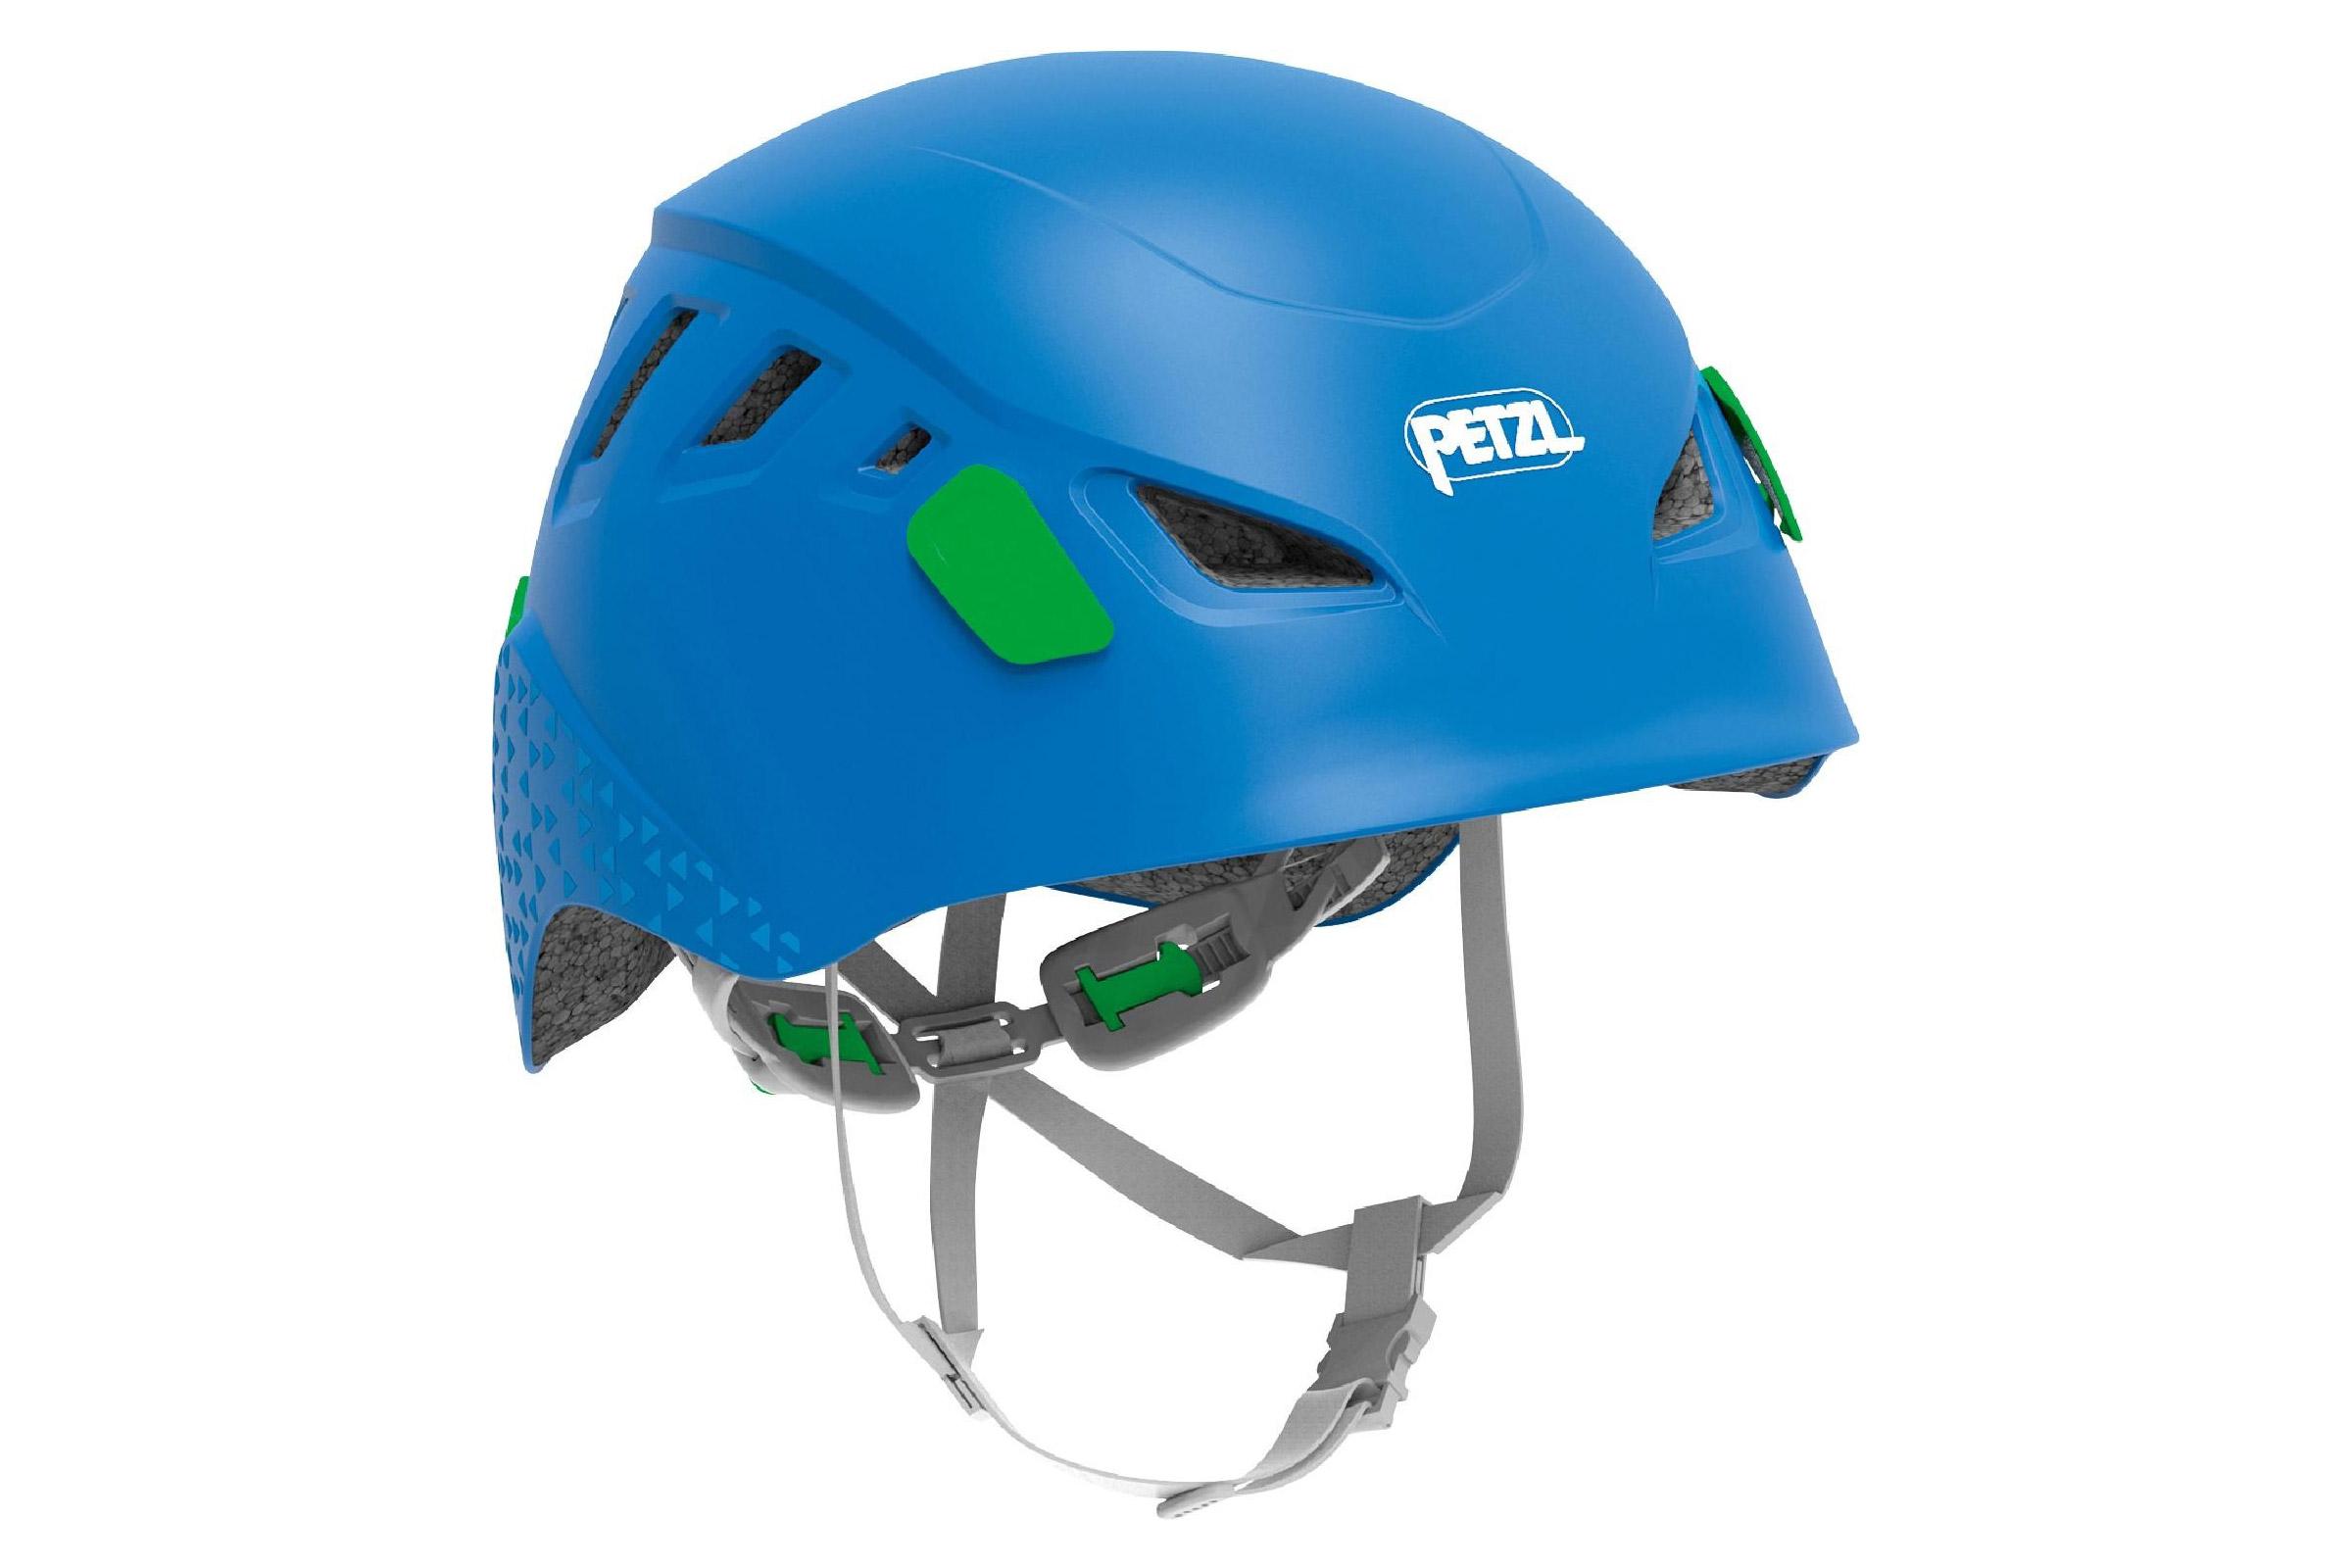 petzl picchu climbing-cycling helmet